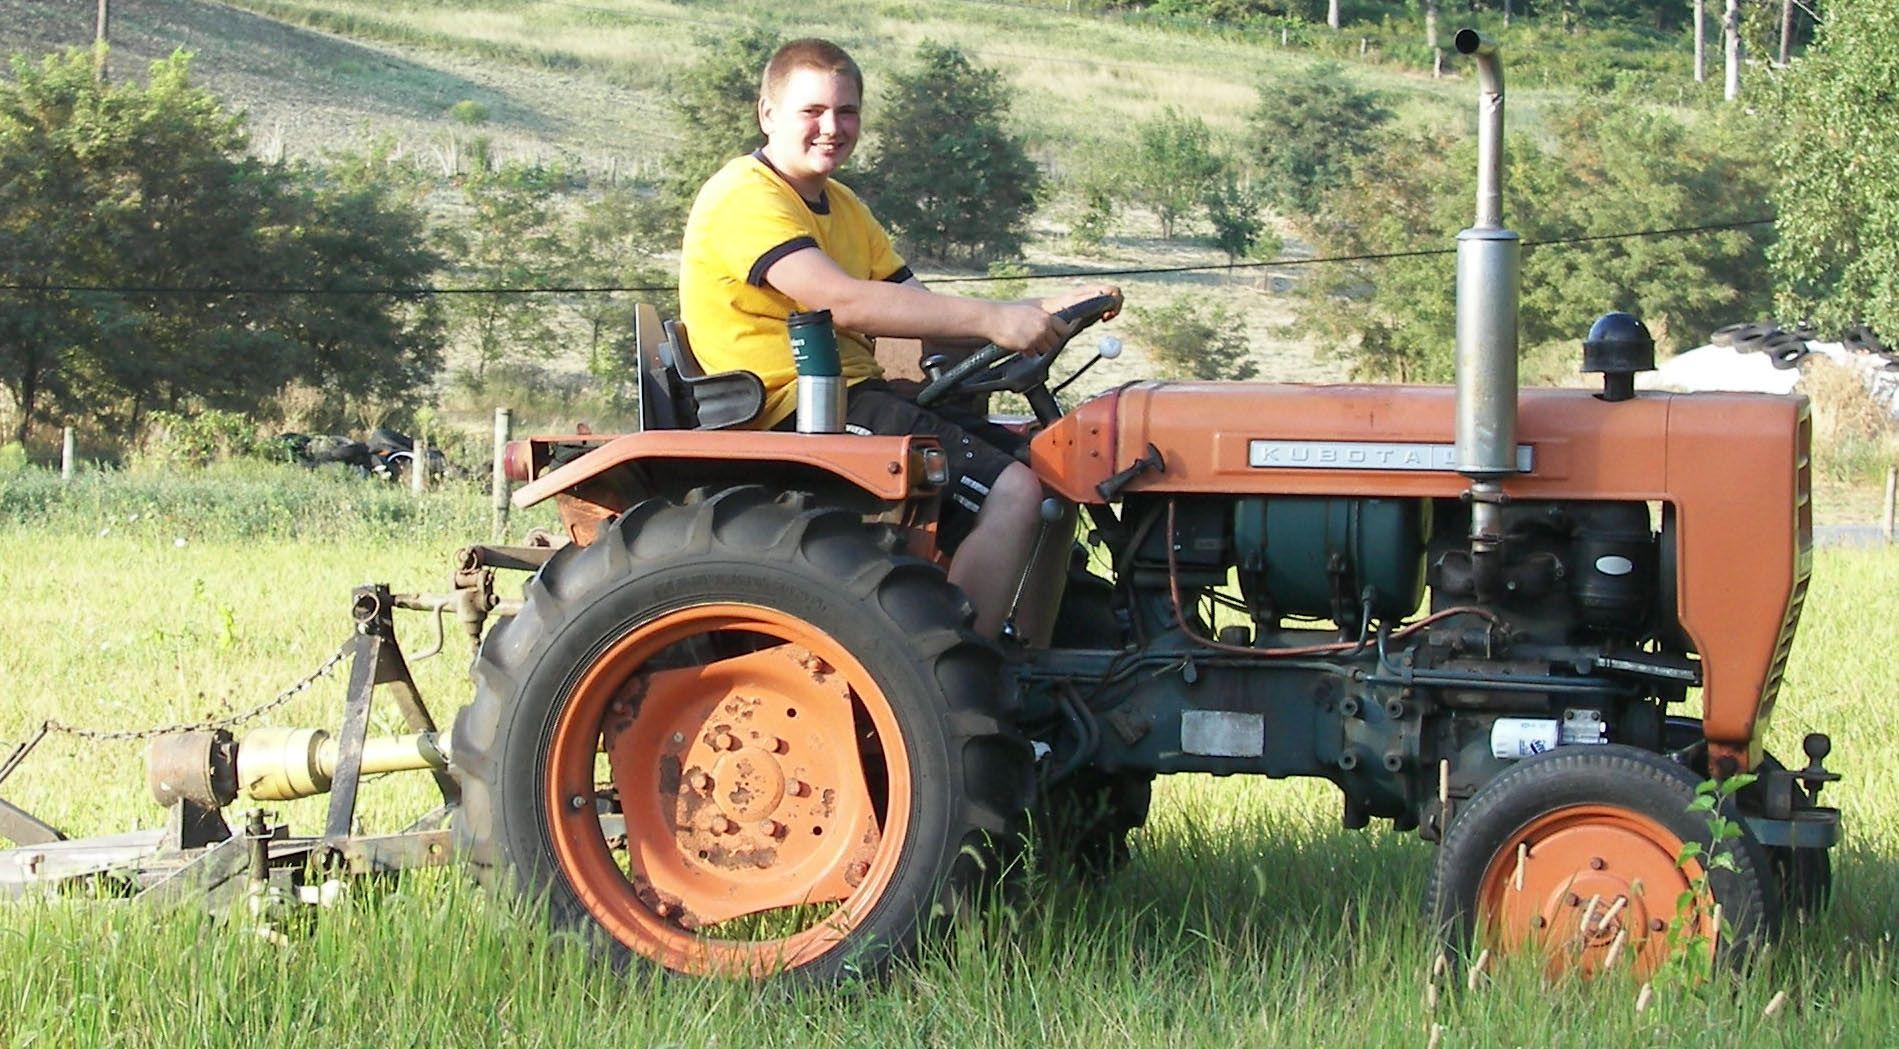 kubota l200 tractors i d like to have pinterest kubota and rh pinterest com Kubota L200 25th Anniversity kubota l3200 manual